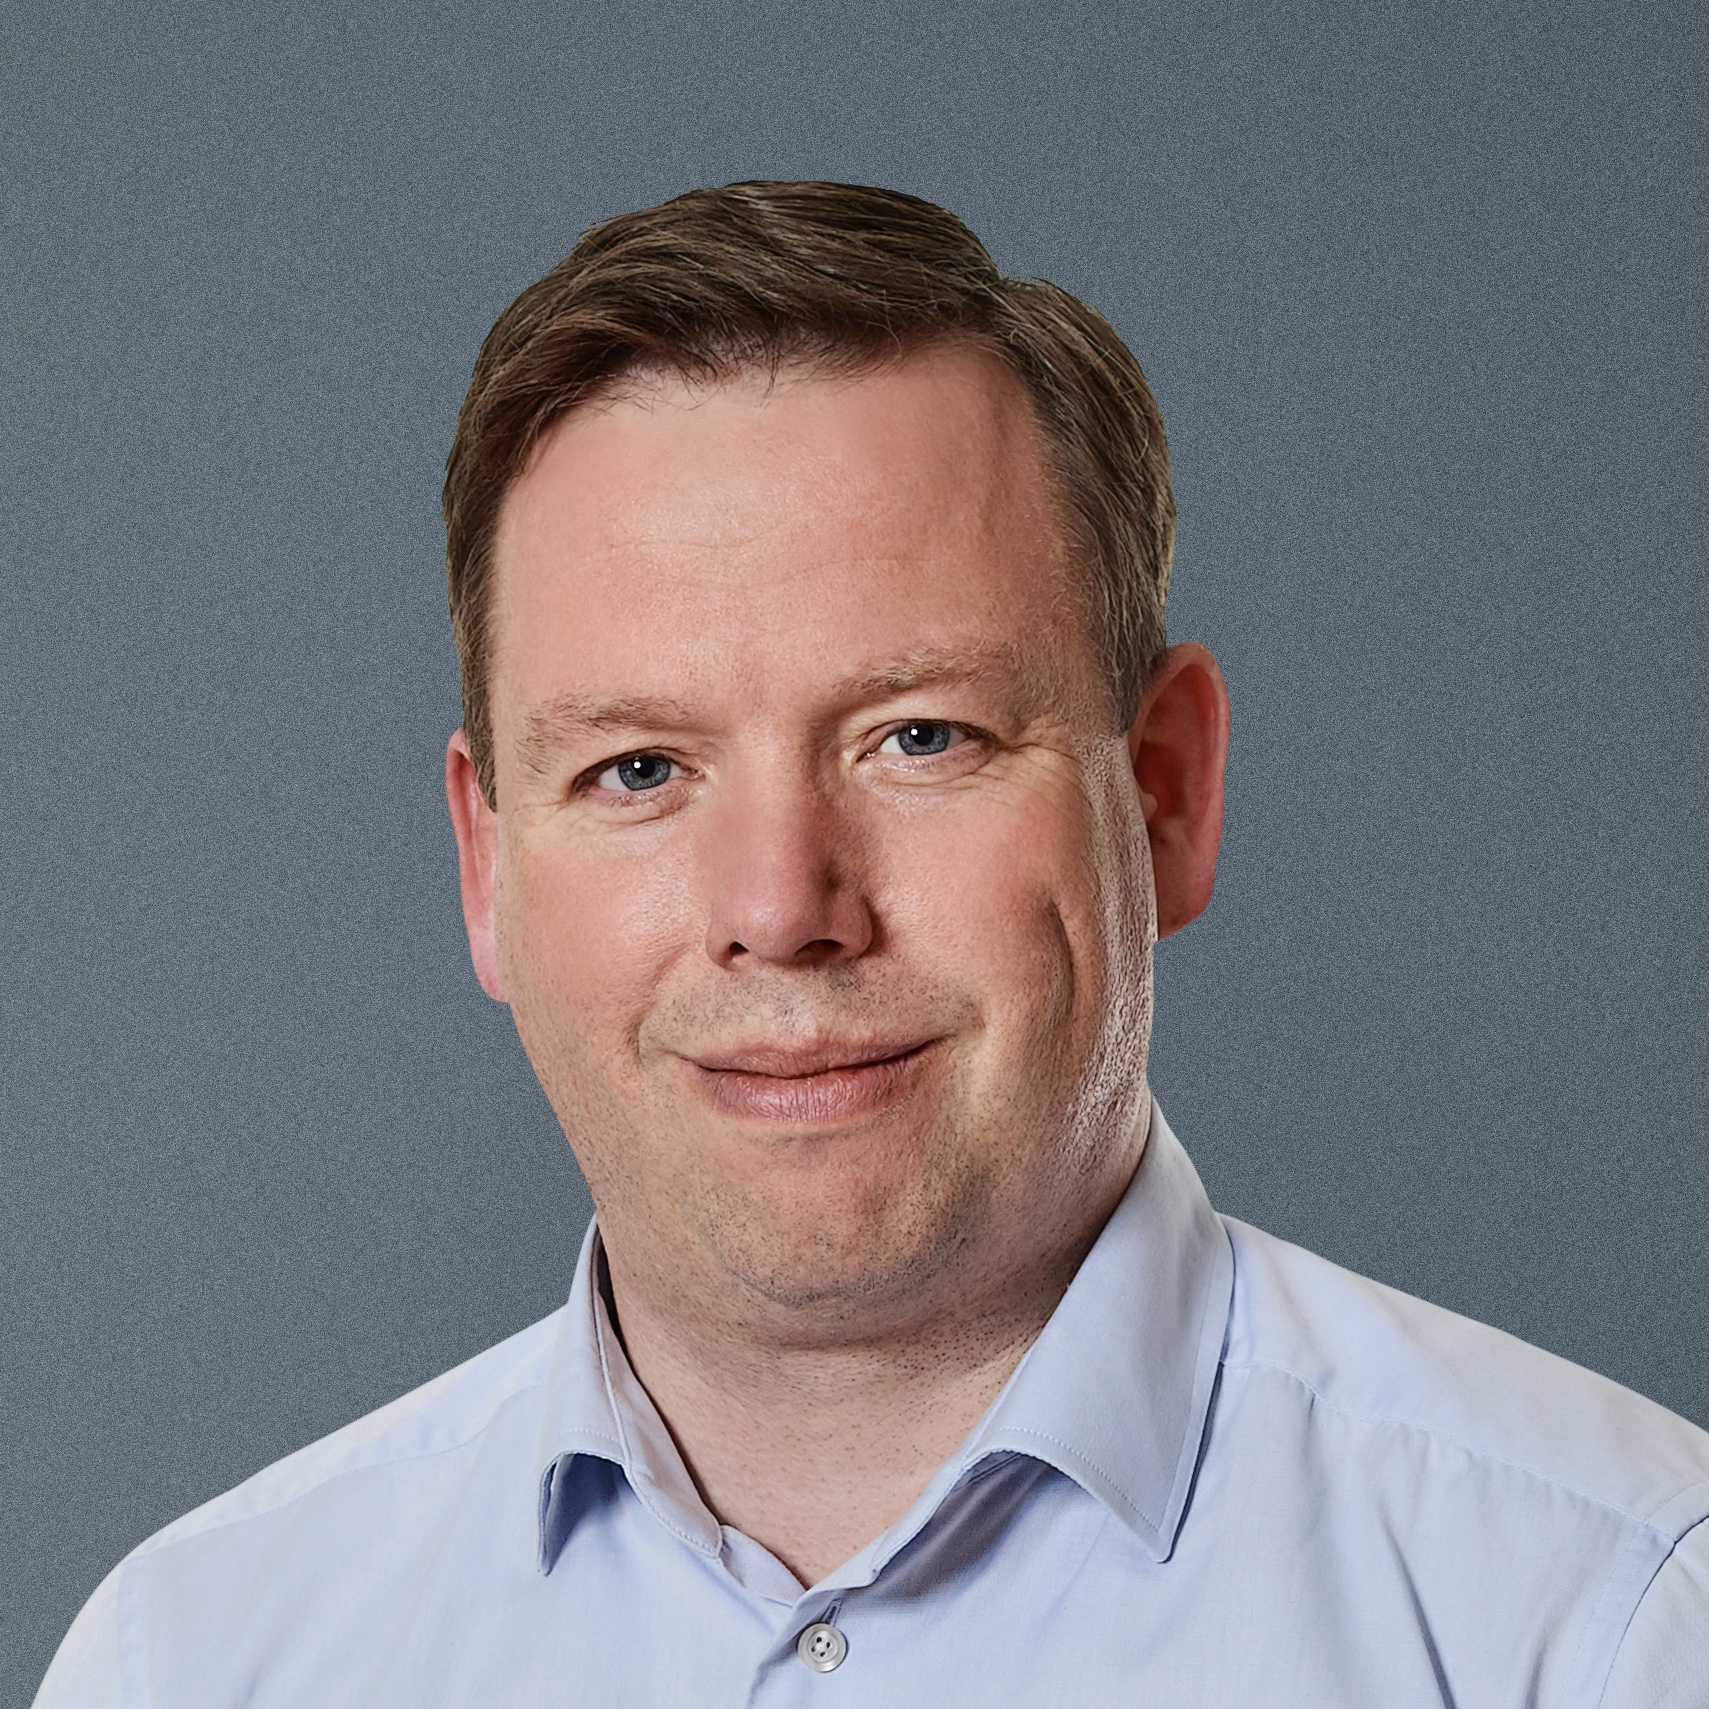 Steffen Lund